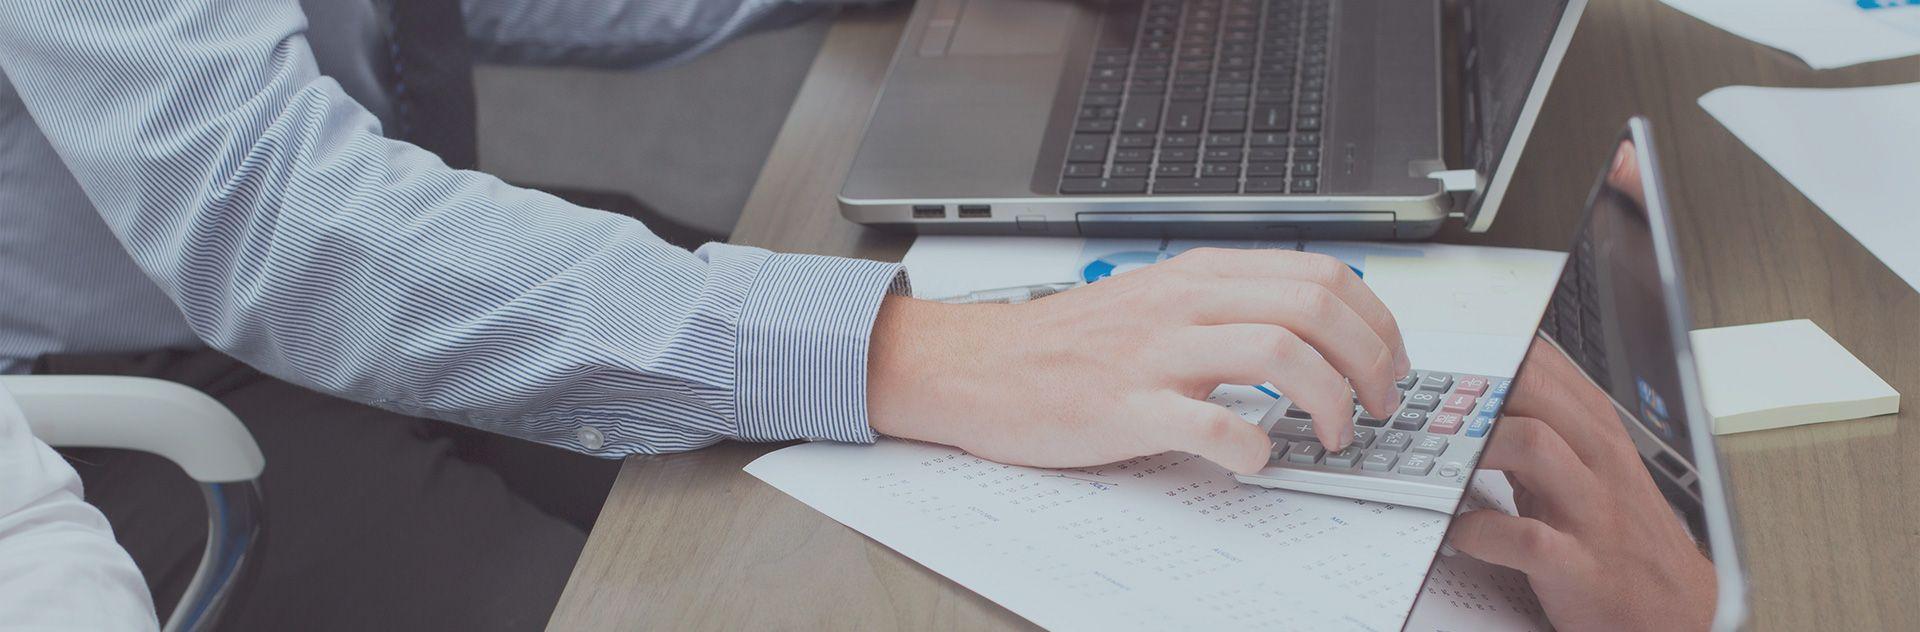 نرم افزار حسابداری صندوق قرض الحسنه